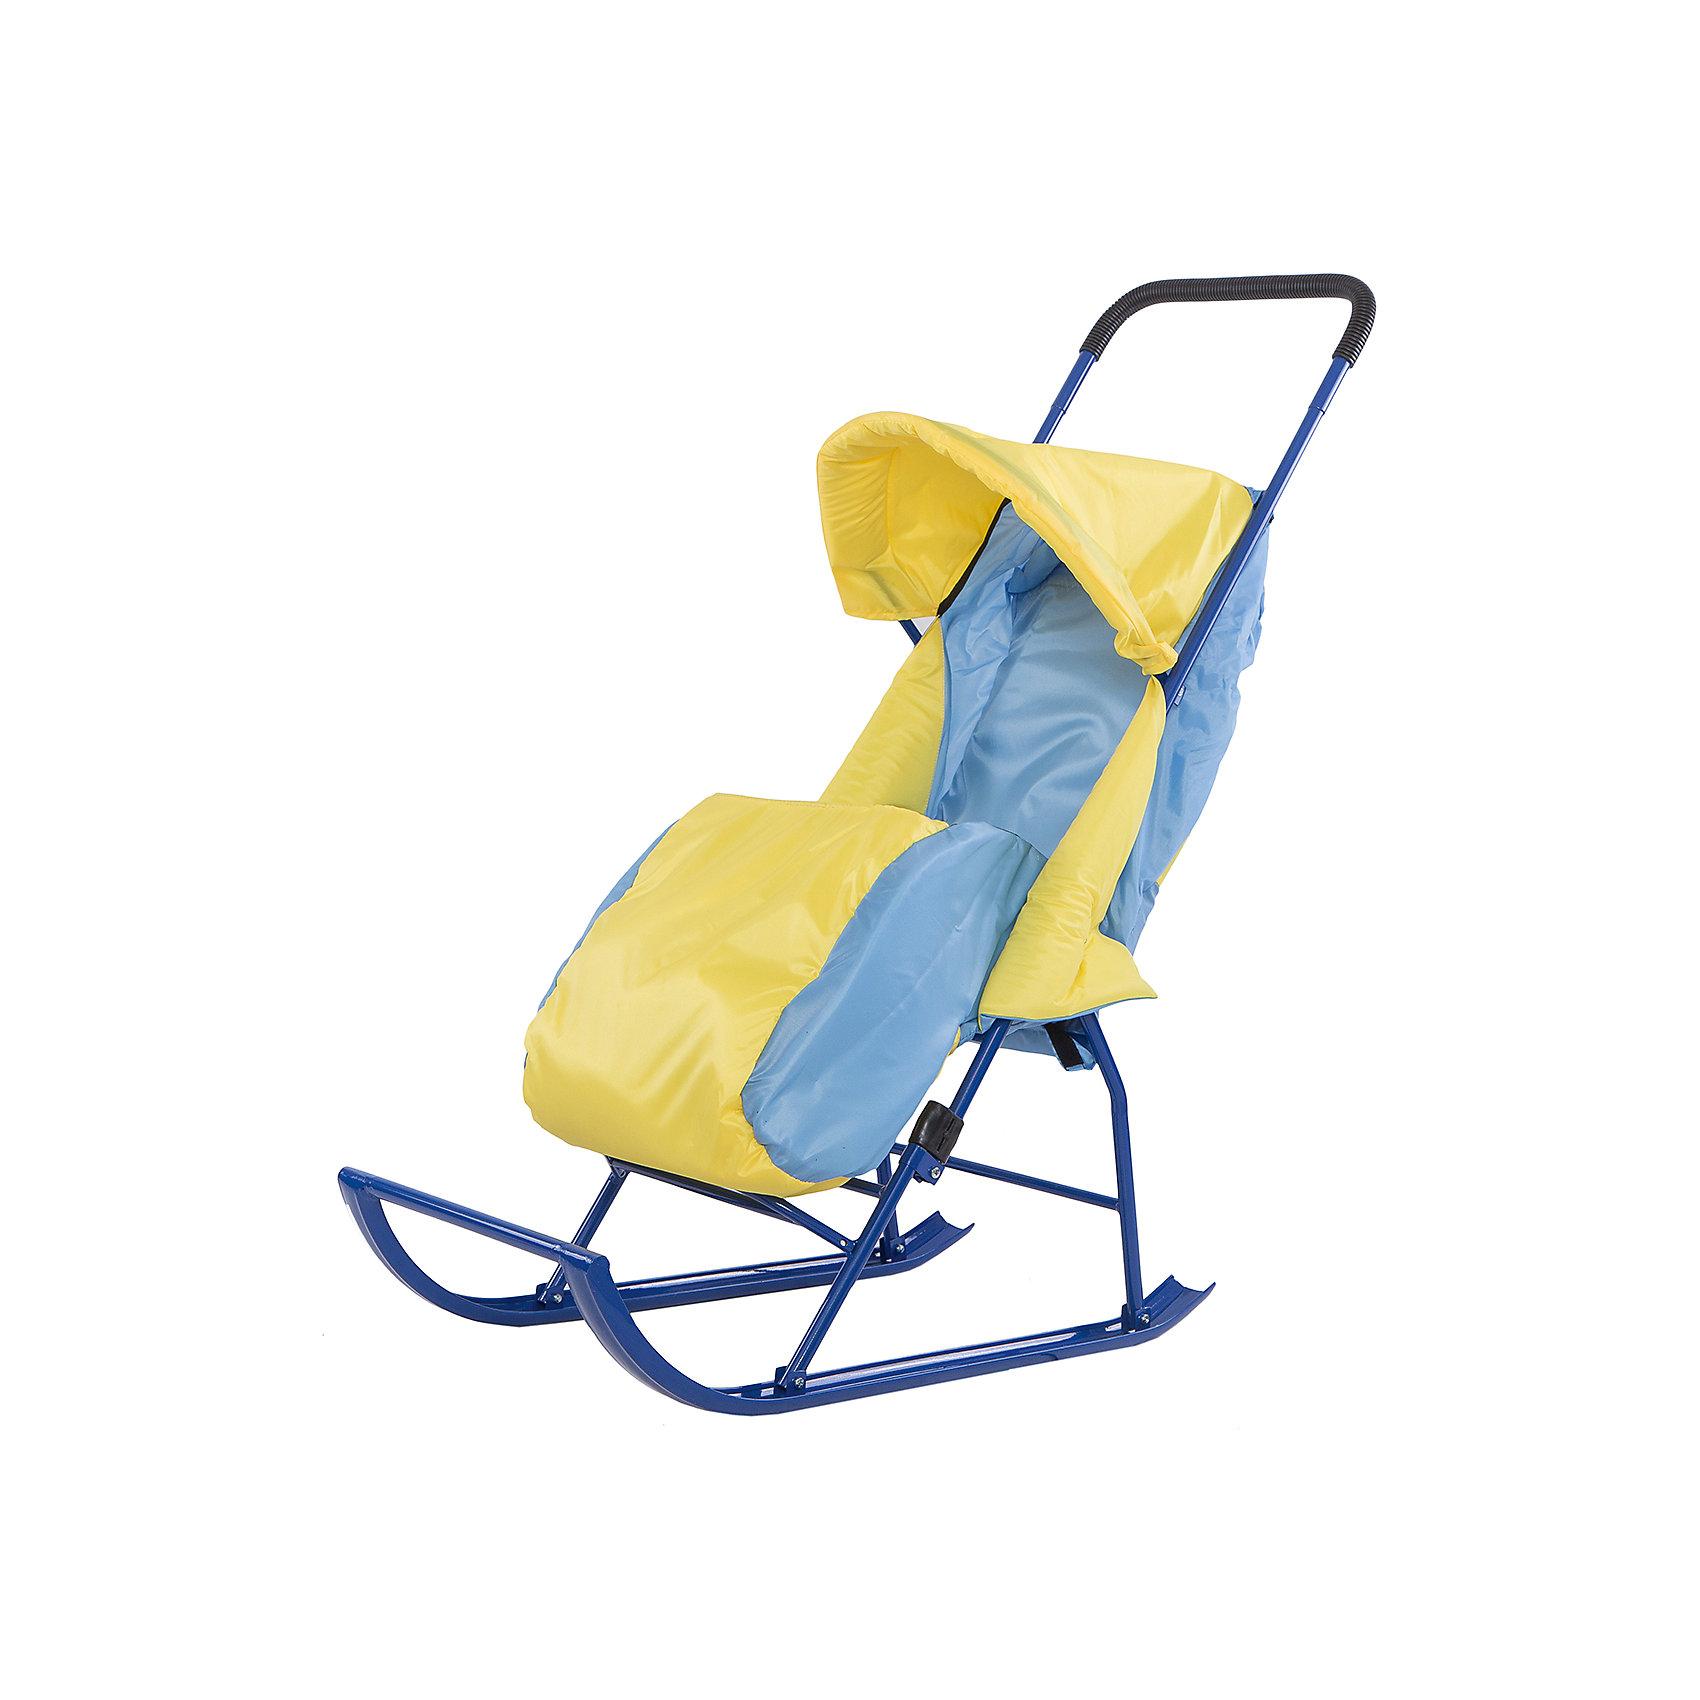 Малышок Санки-коляска Малышок 1, Galaxy, желтый/голубой санки galaxy мишутка 1 универсал красные